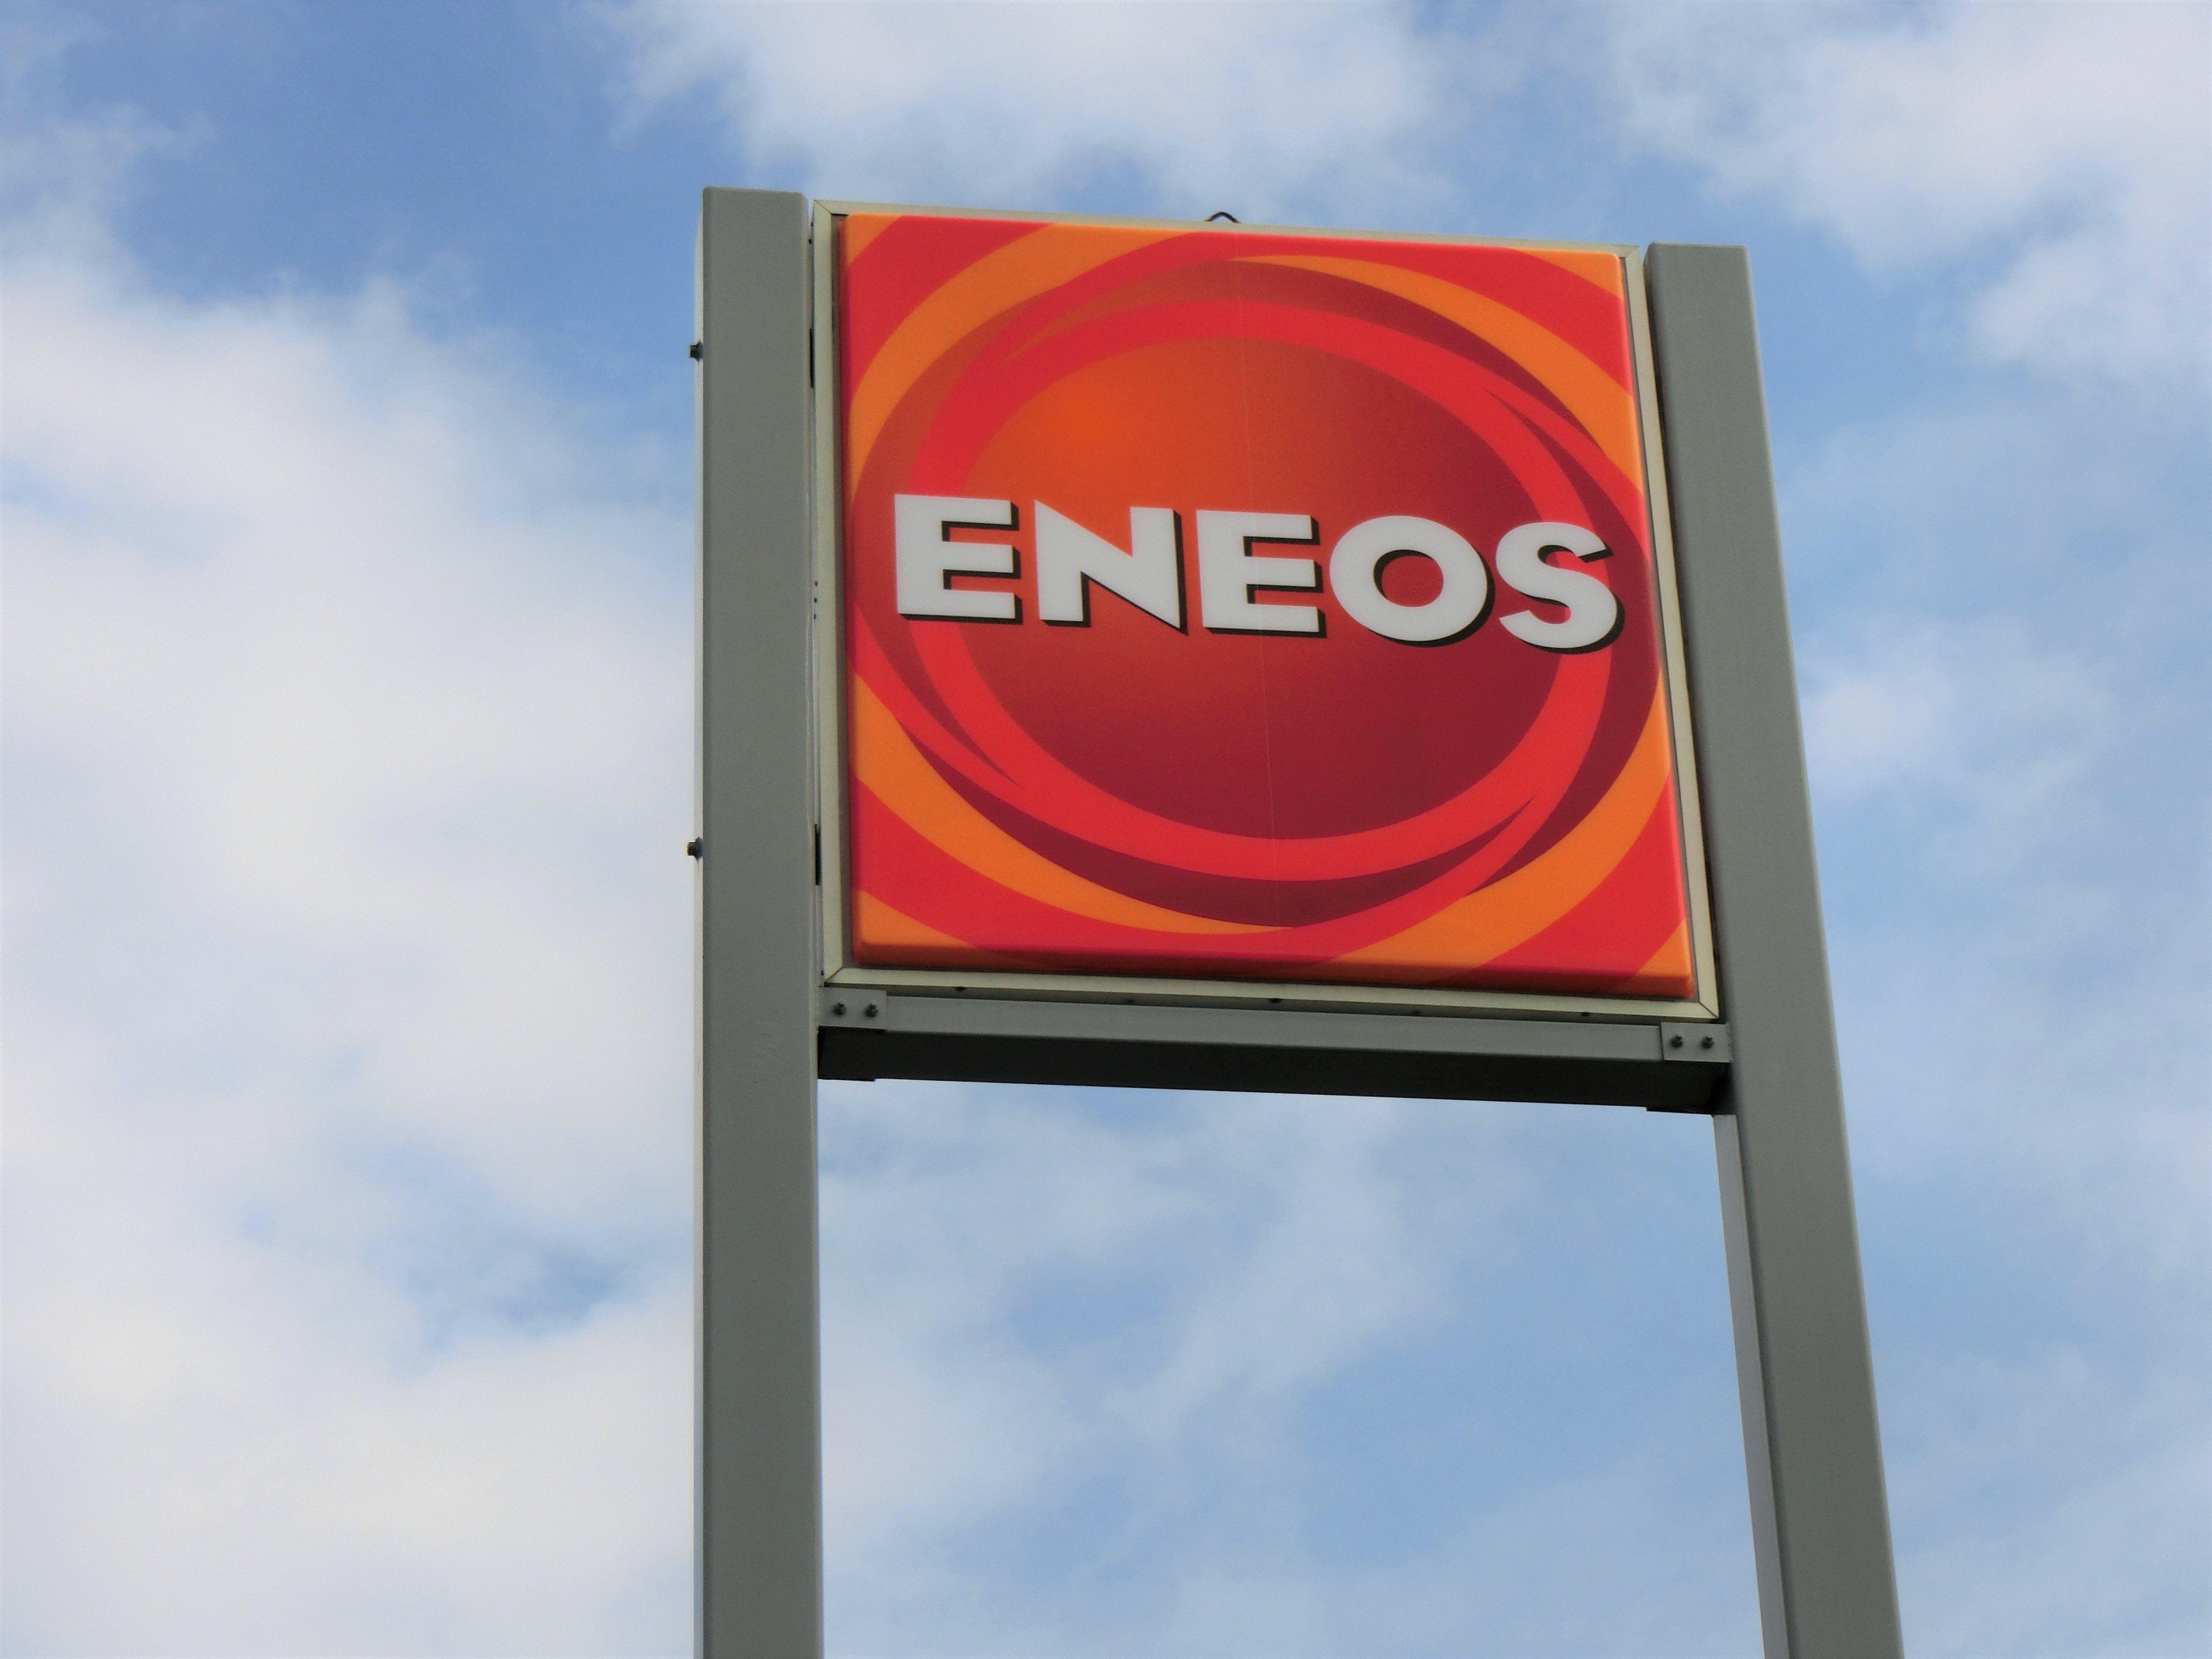 ENEOSホールディングス、次の変化のタイミングは2025年|ビジネスパーソンのための占星術